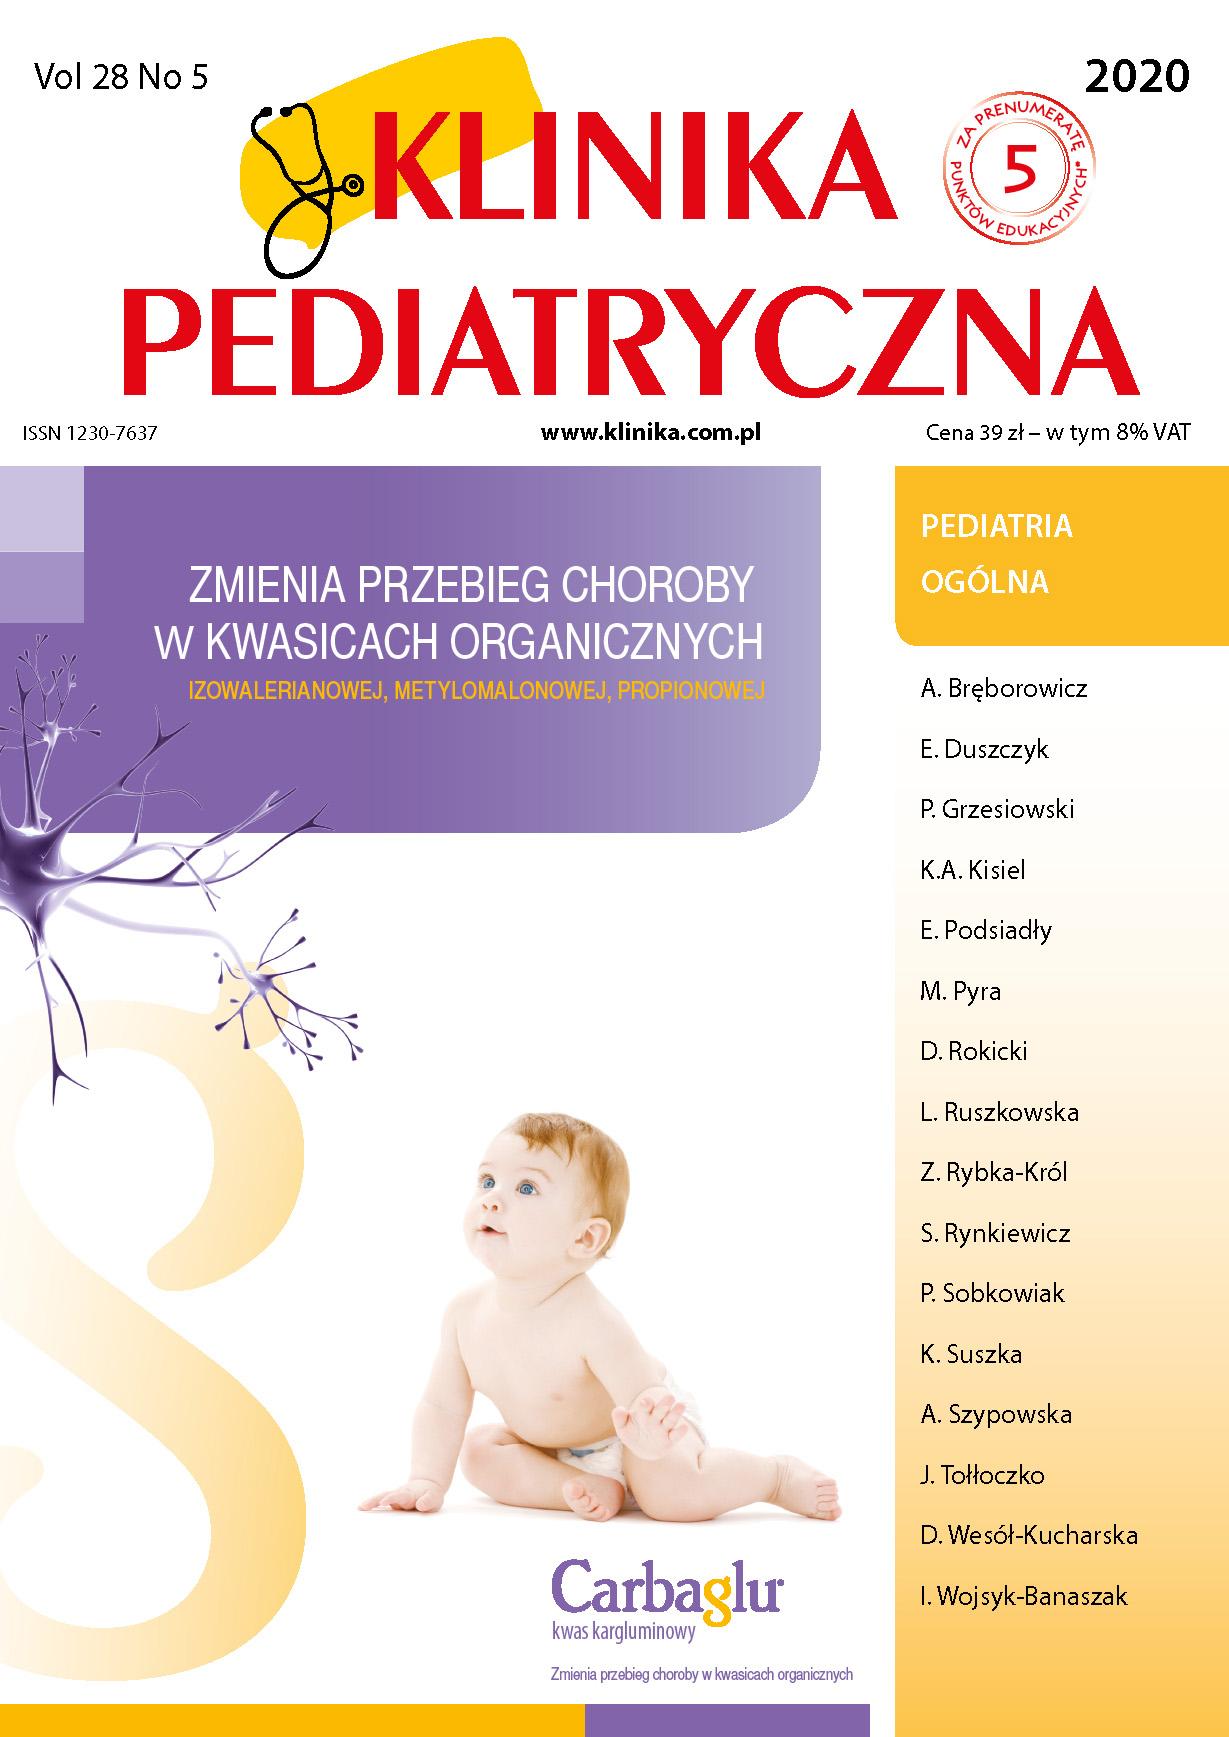 KP 5/2020 Pediatria Ogólna